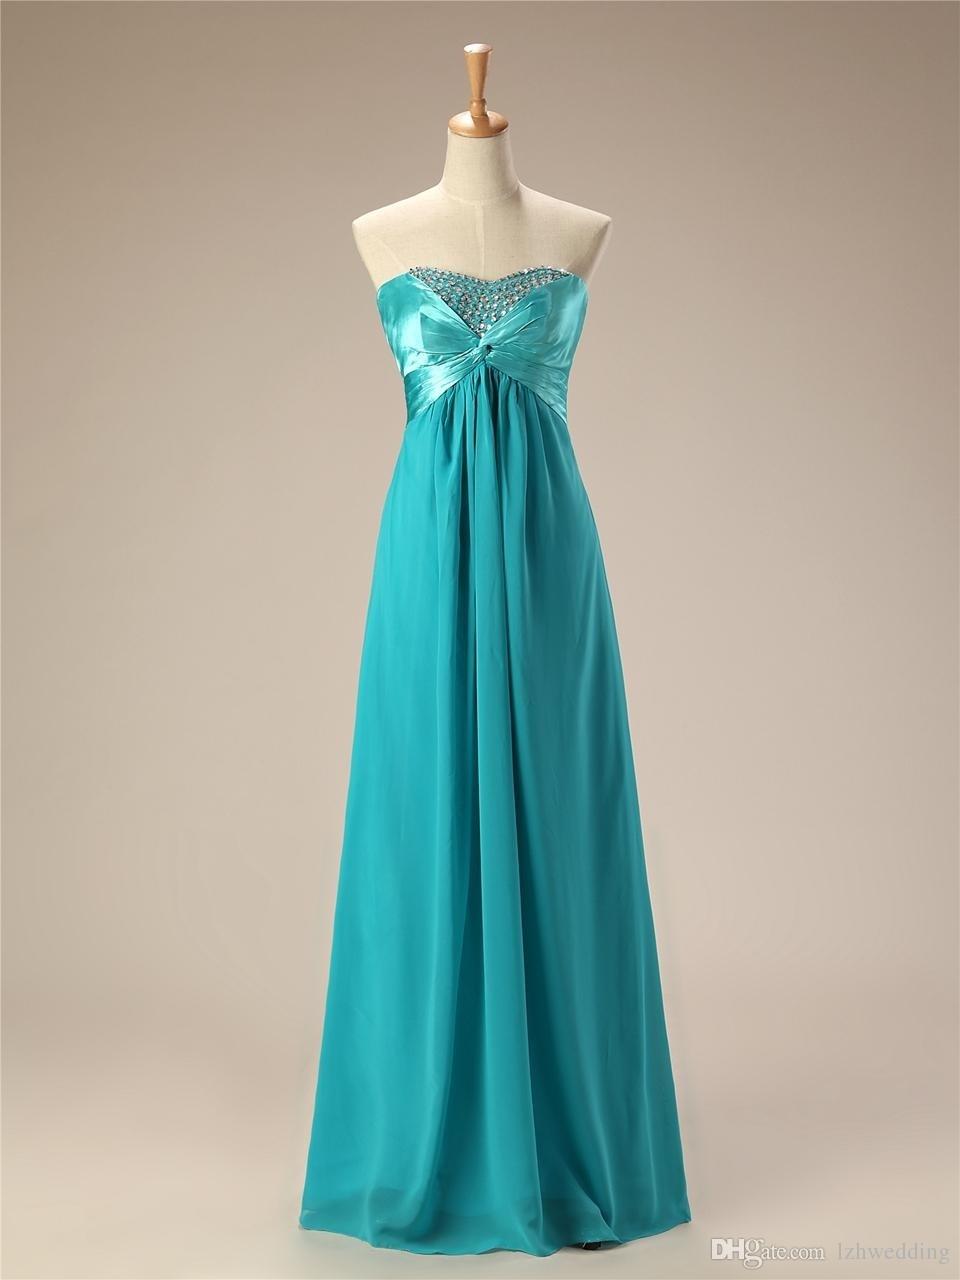 20 Fantastisch Abendkleider Lang Marken Spezialgebiet17 Erstaunlich Abendkleider Lang Marken Boutique